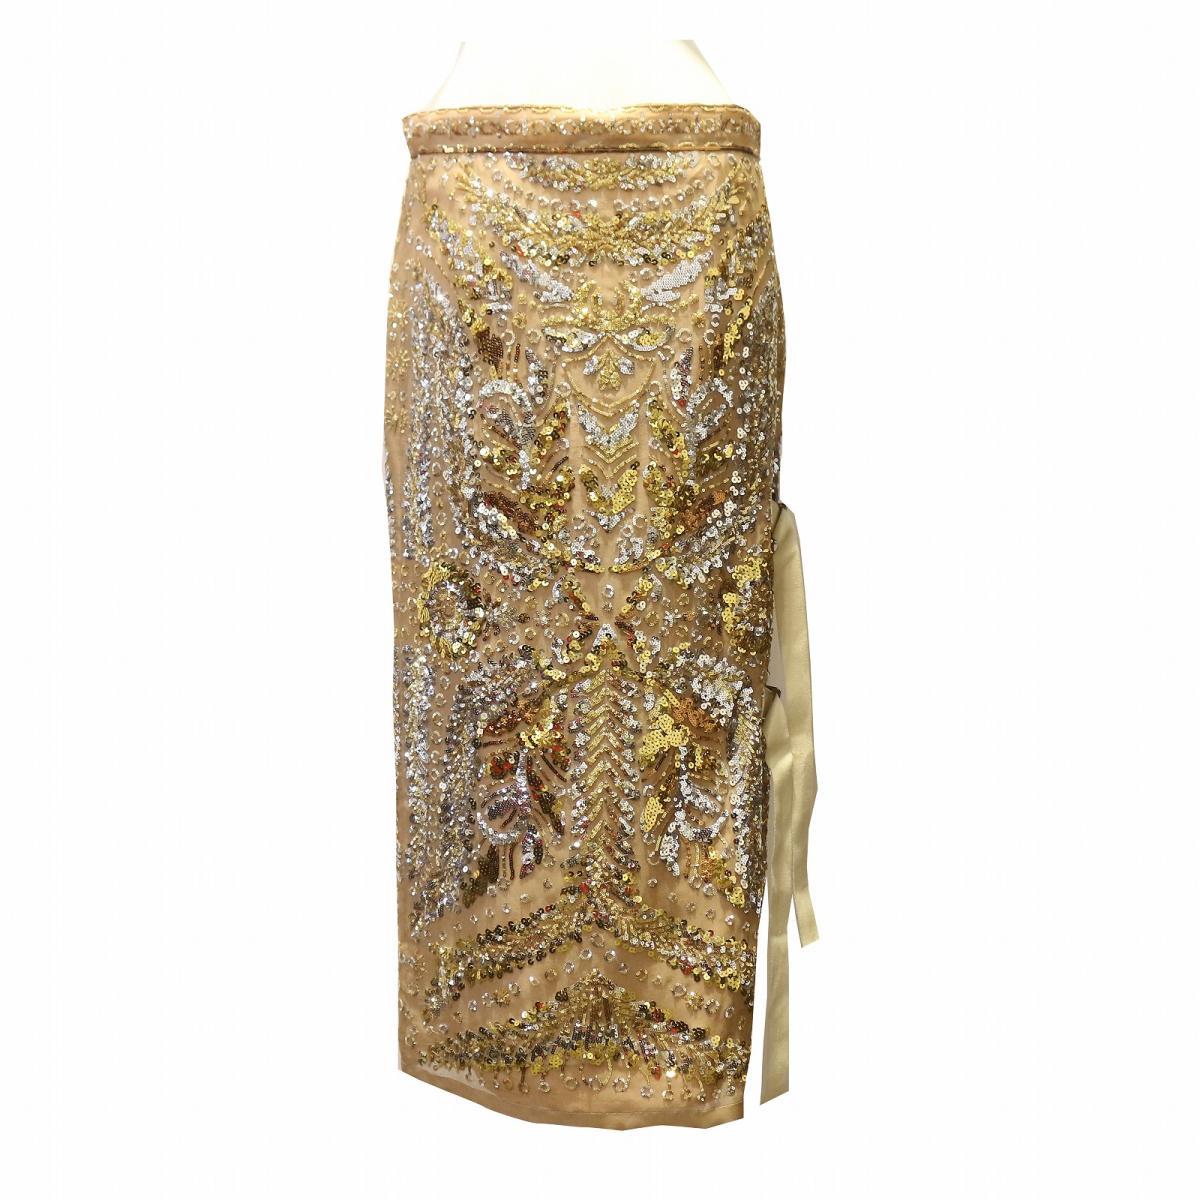 【中古】 ヌメロ・ヴェントゥーノ ロングスカート レディース シルク ベージュ x マルチカラー   N°21 BRANDOFF ブランドオフ 衣料品 衣類 ブランド ボトムス スカート